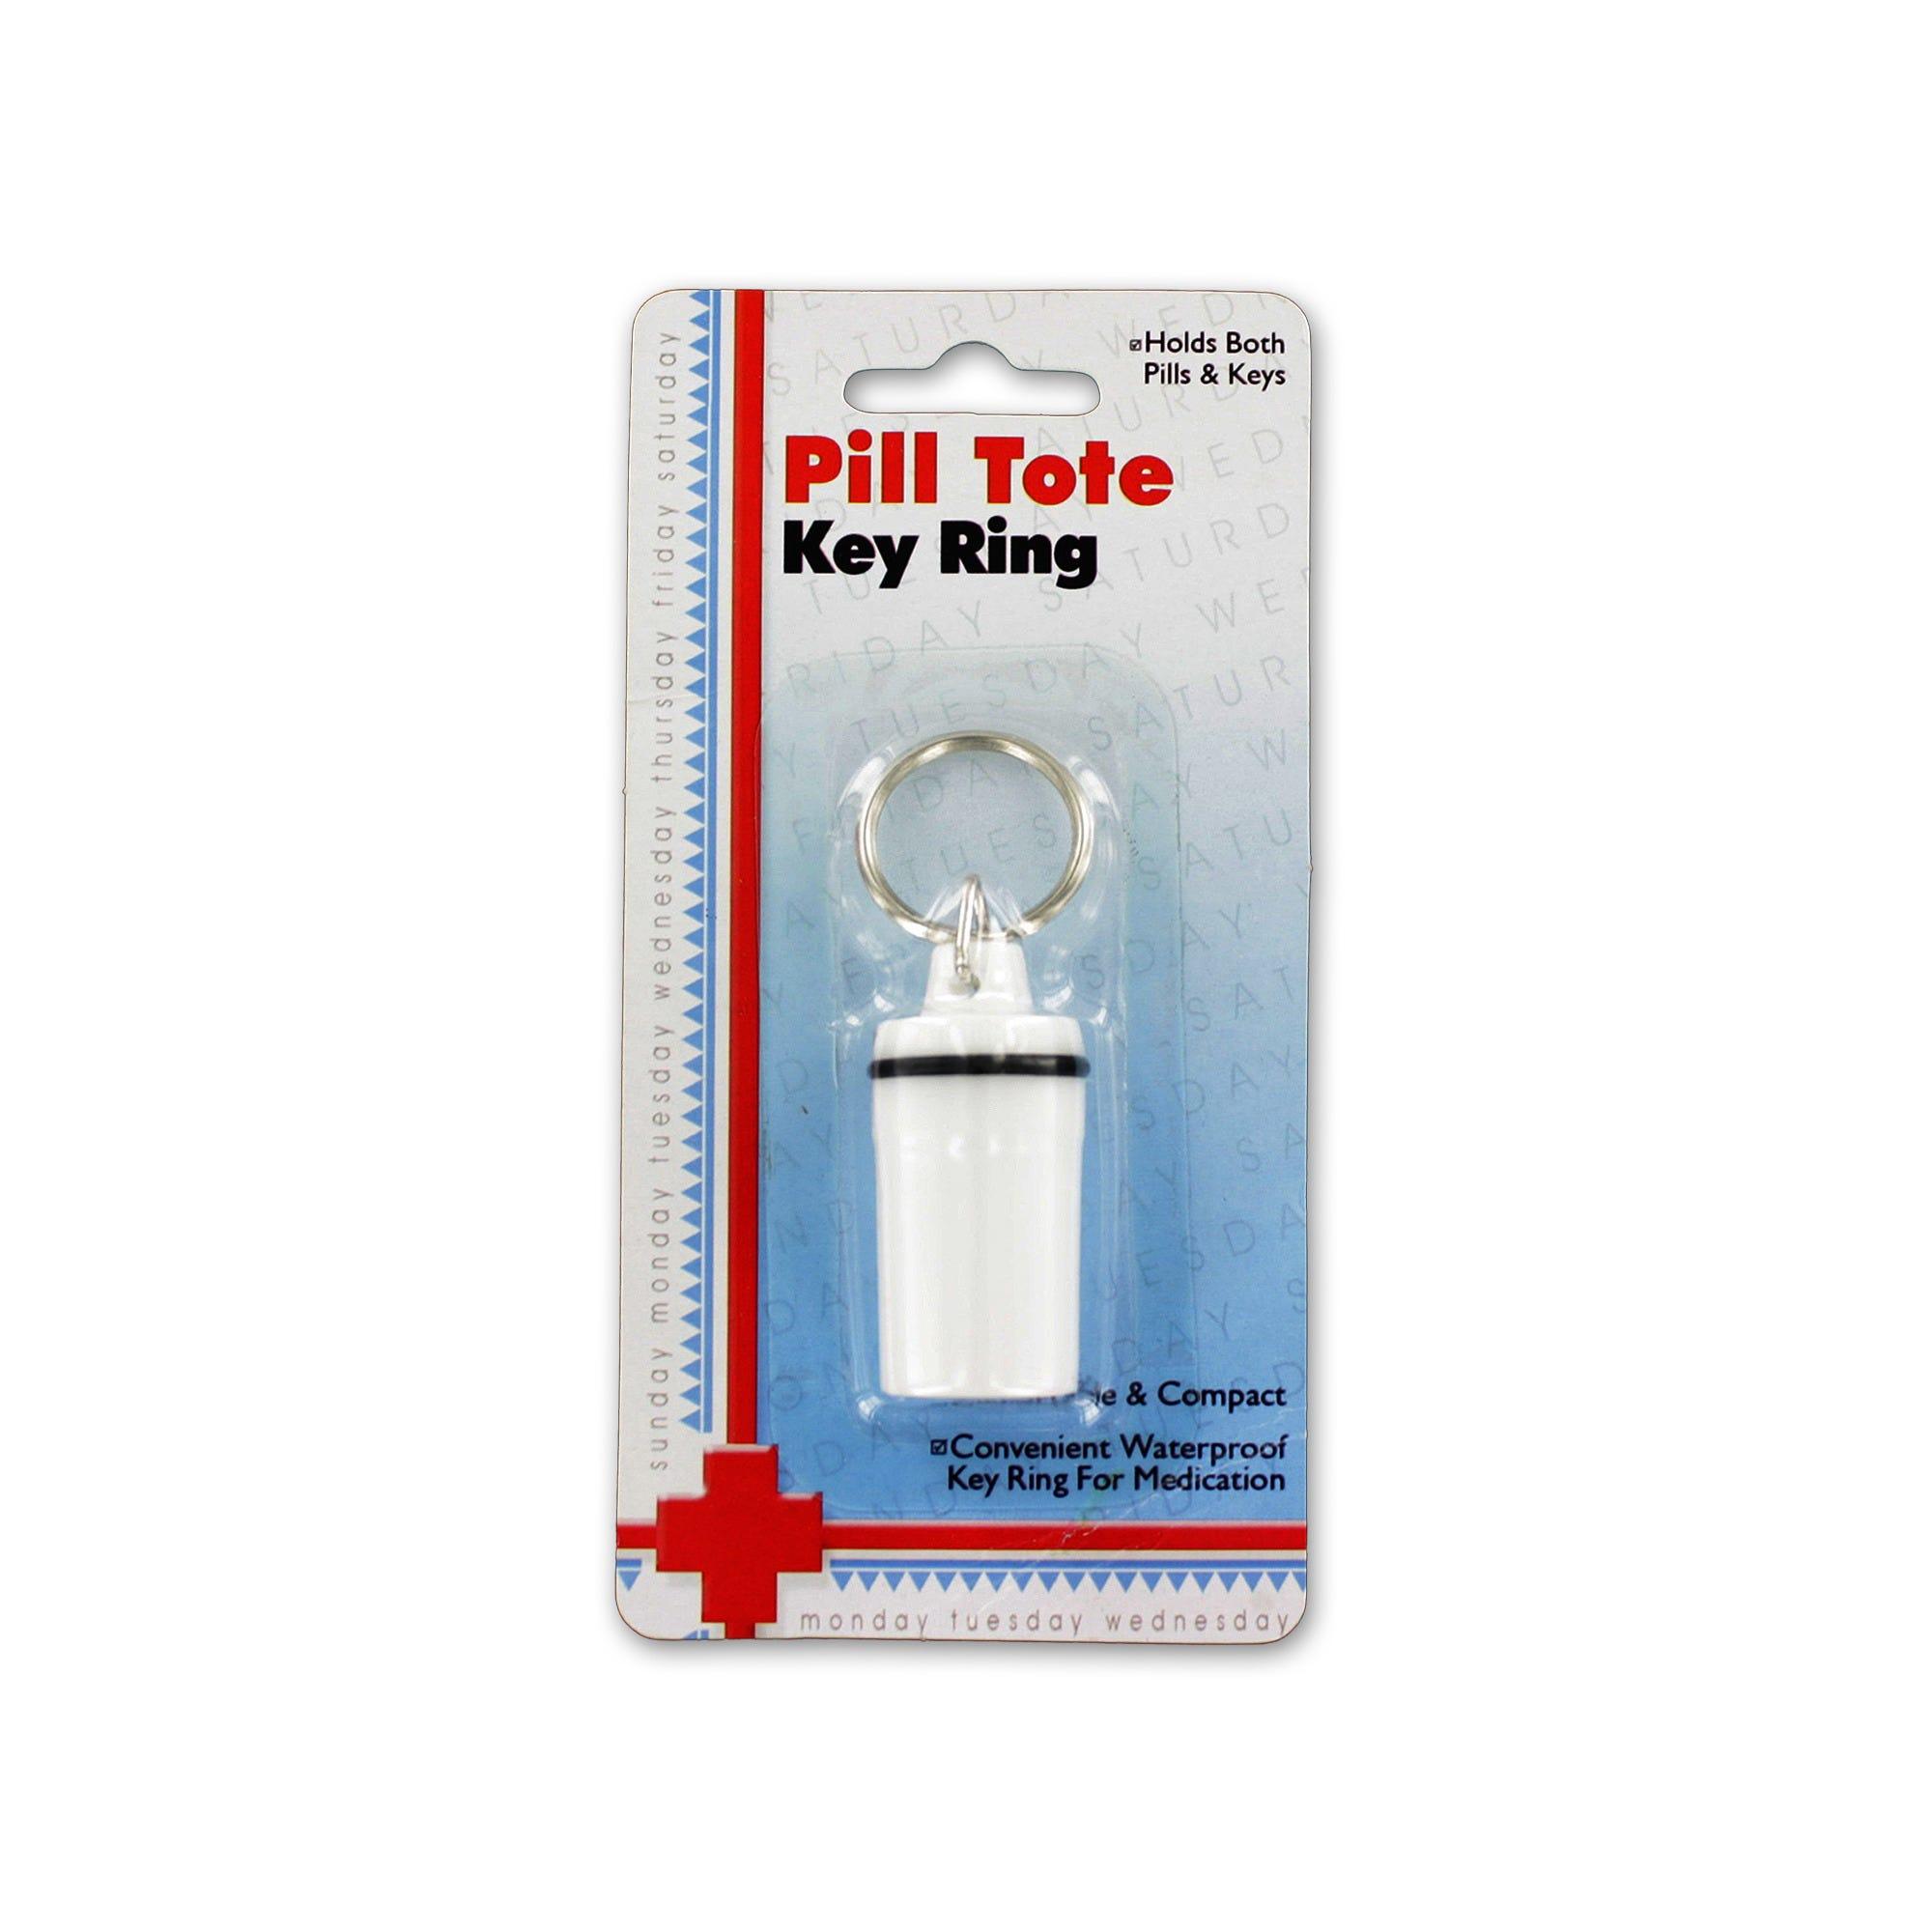 Pill Tote Key Ring- Qty 24